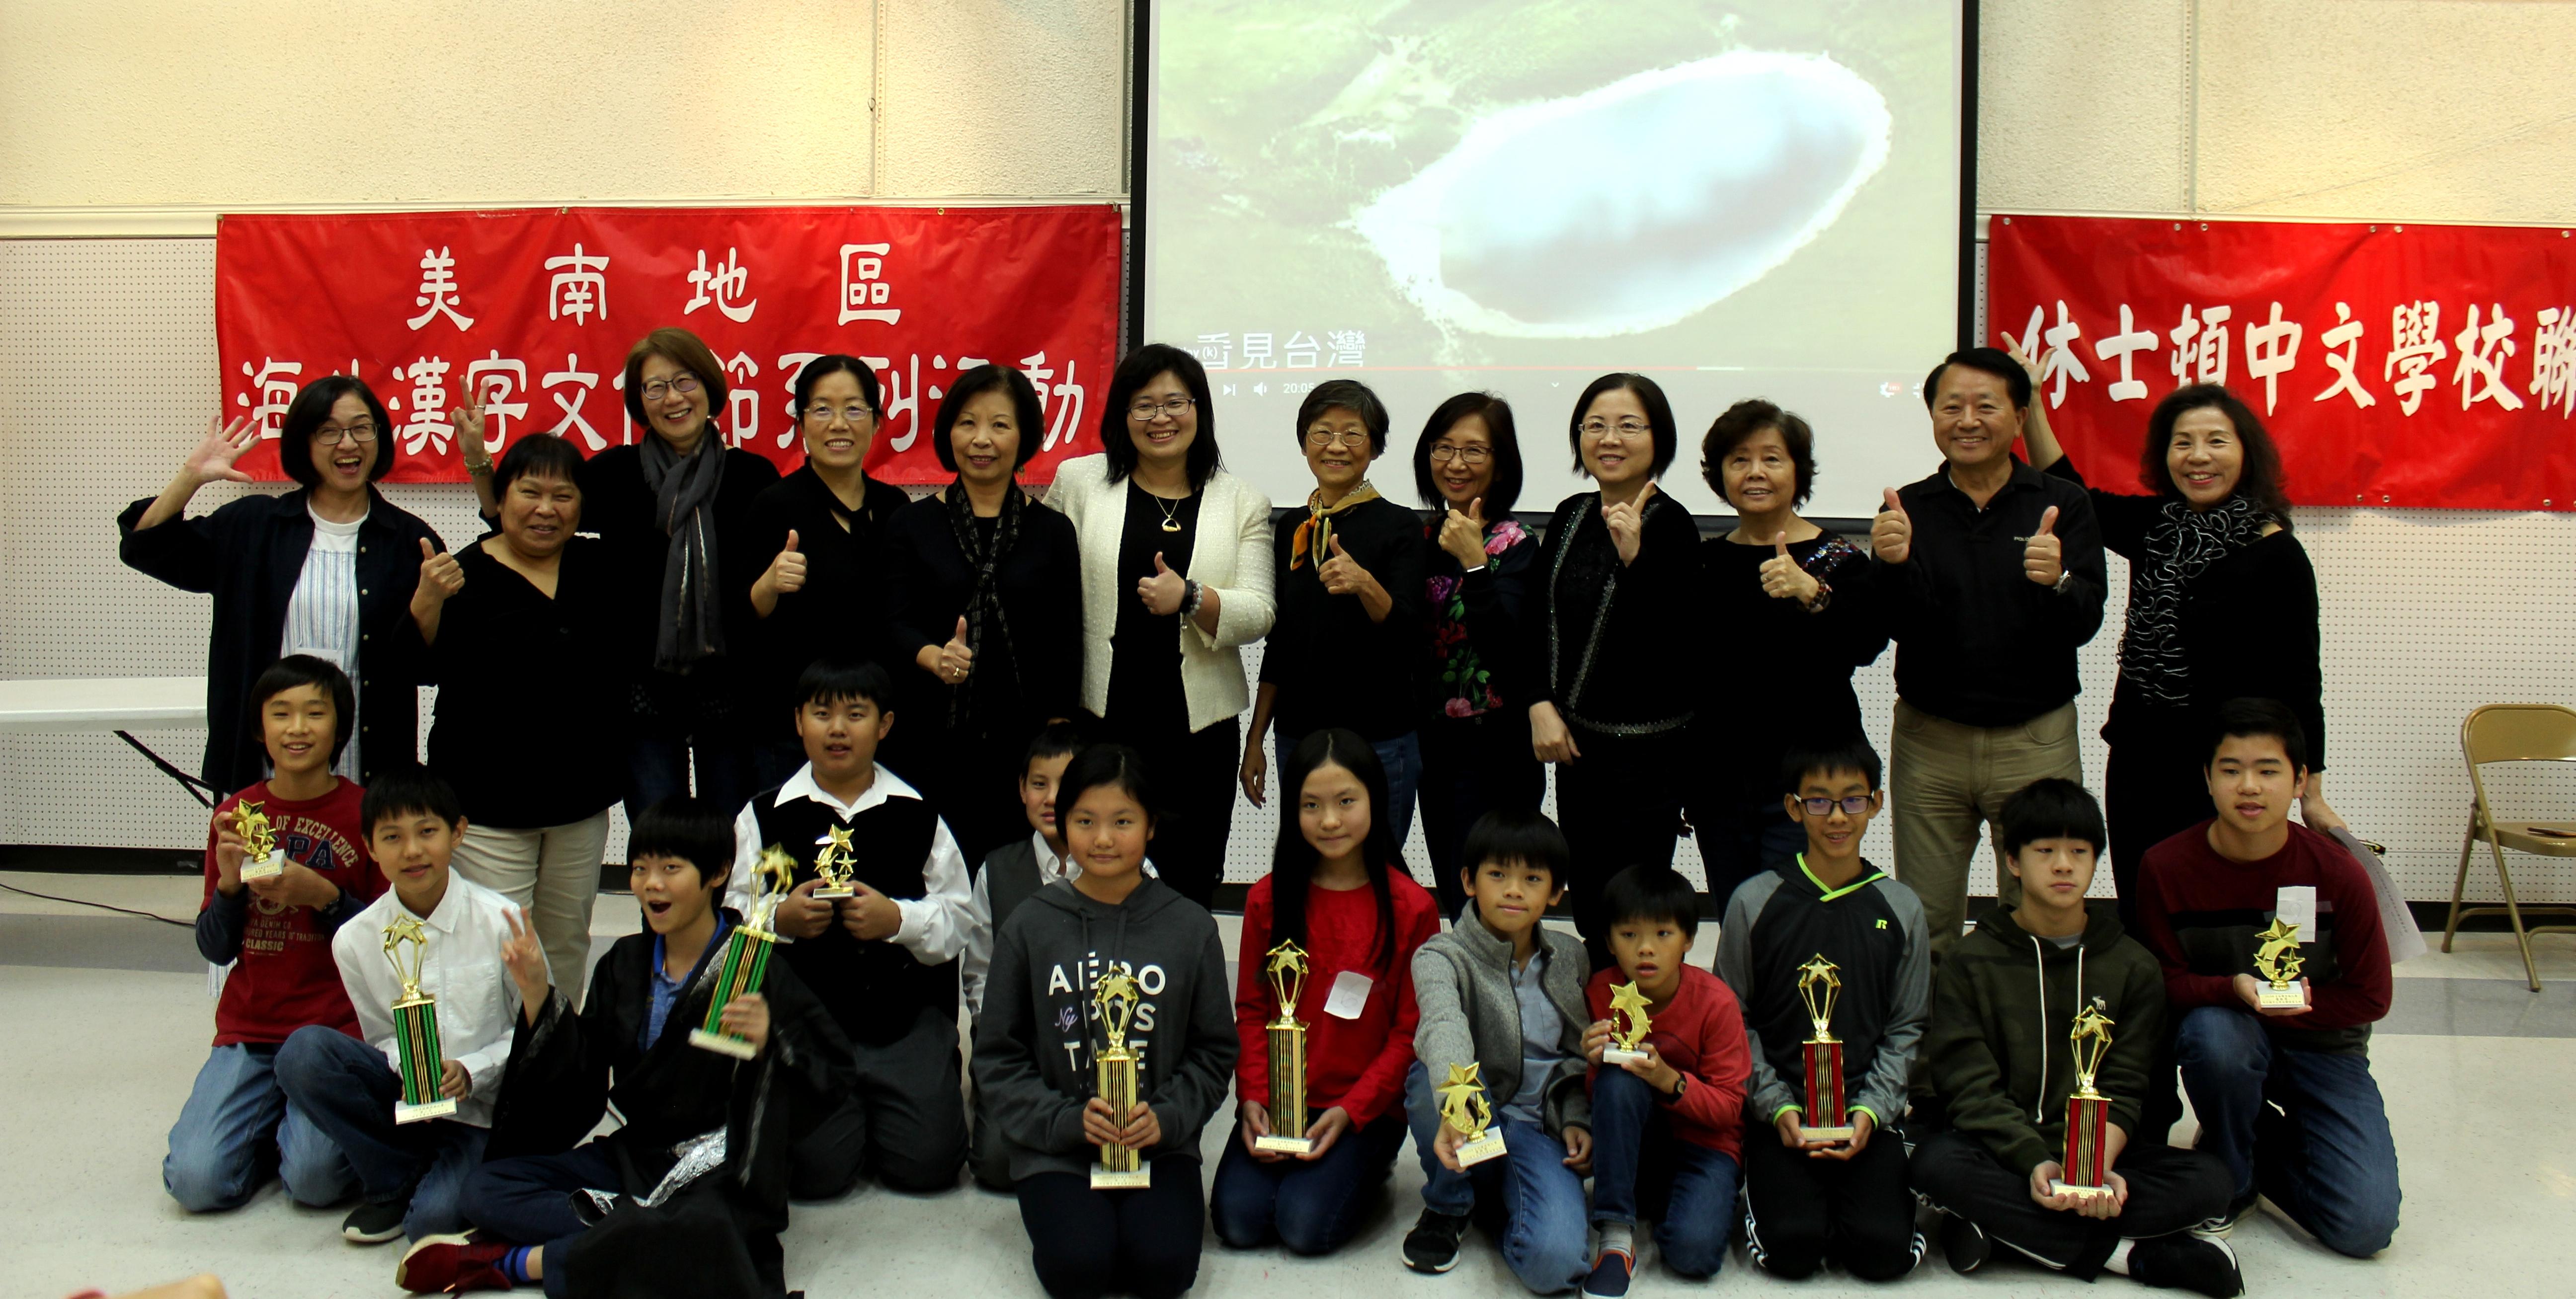 美南地區漢字文化節系列活動之一「多媒體簡報比賽」優勝隊伍和全體教師們合影。(記者盧淑君/攝影)